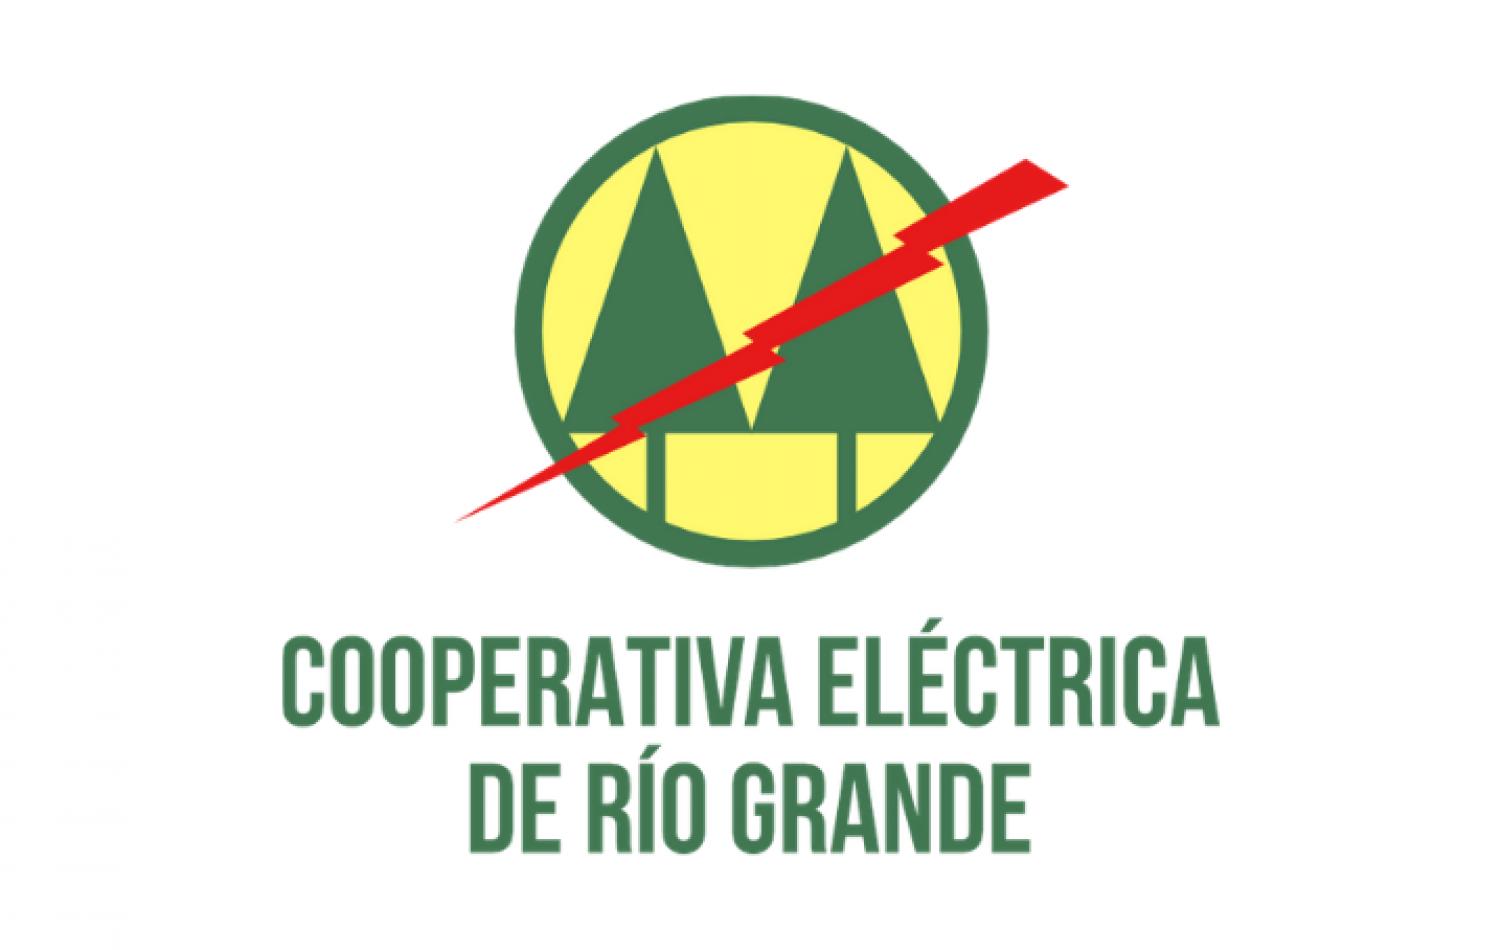 Cooperativa Eléctrica solicitó al COE autorización para reanudar tareas en áreas de servicio